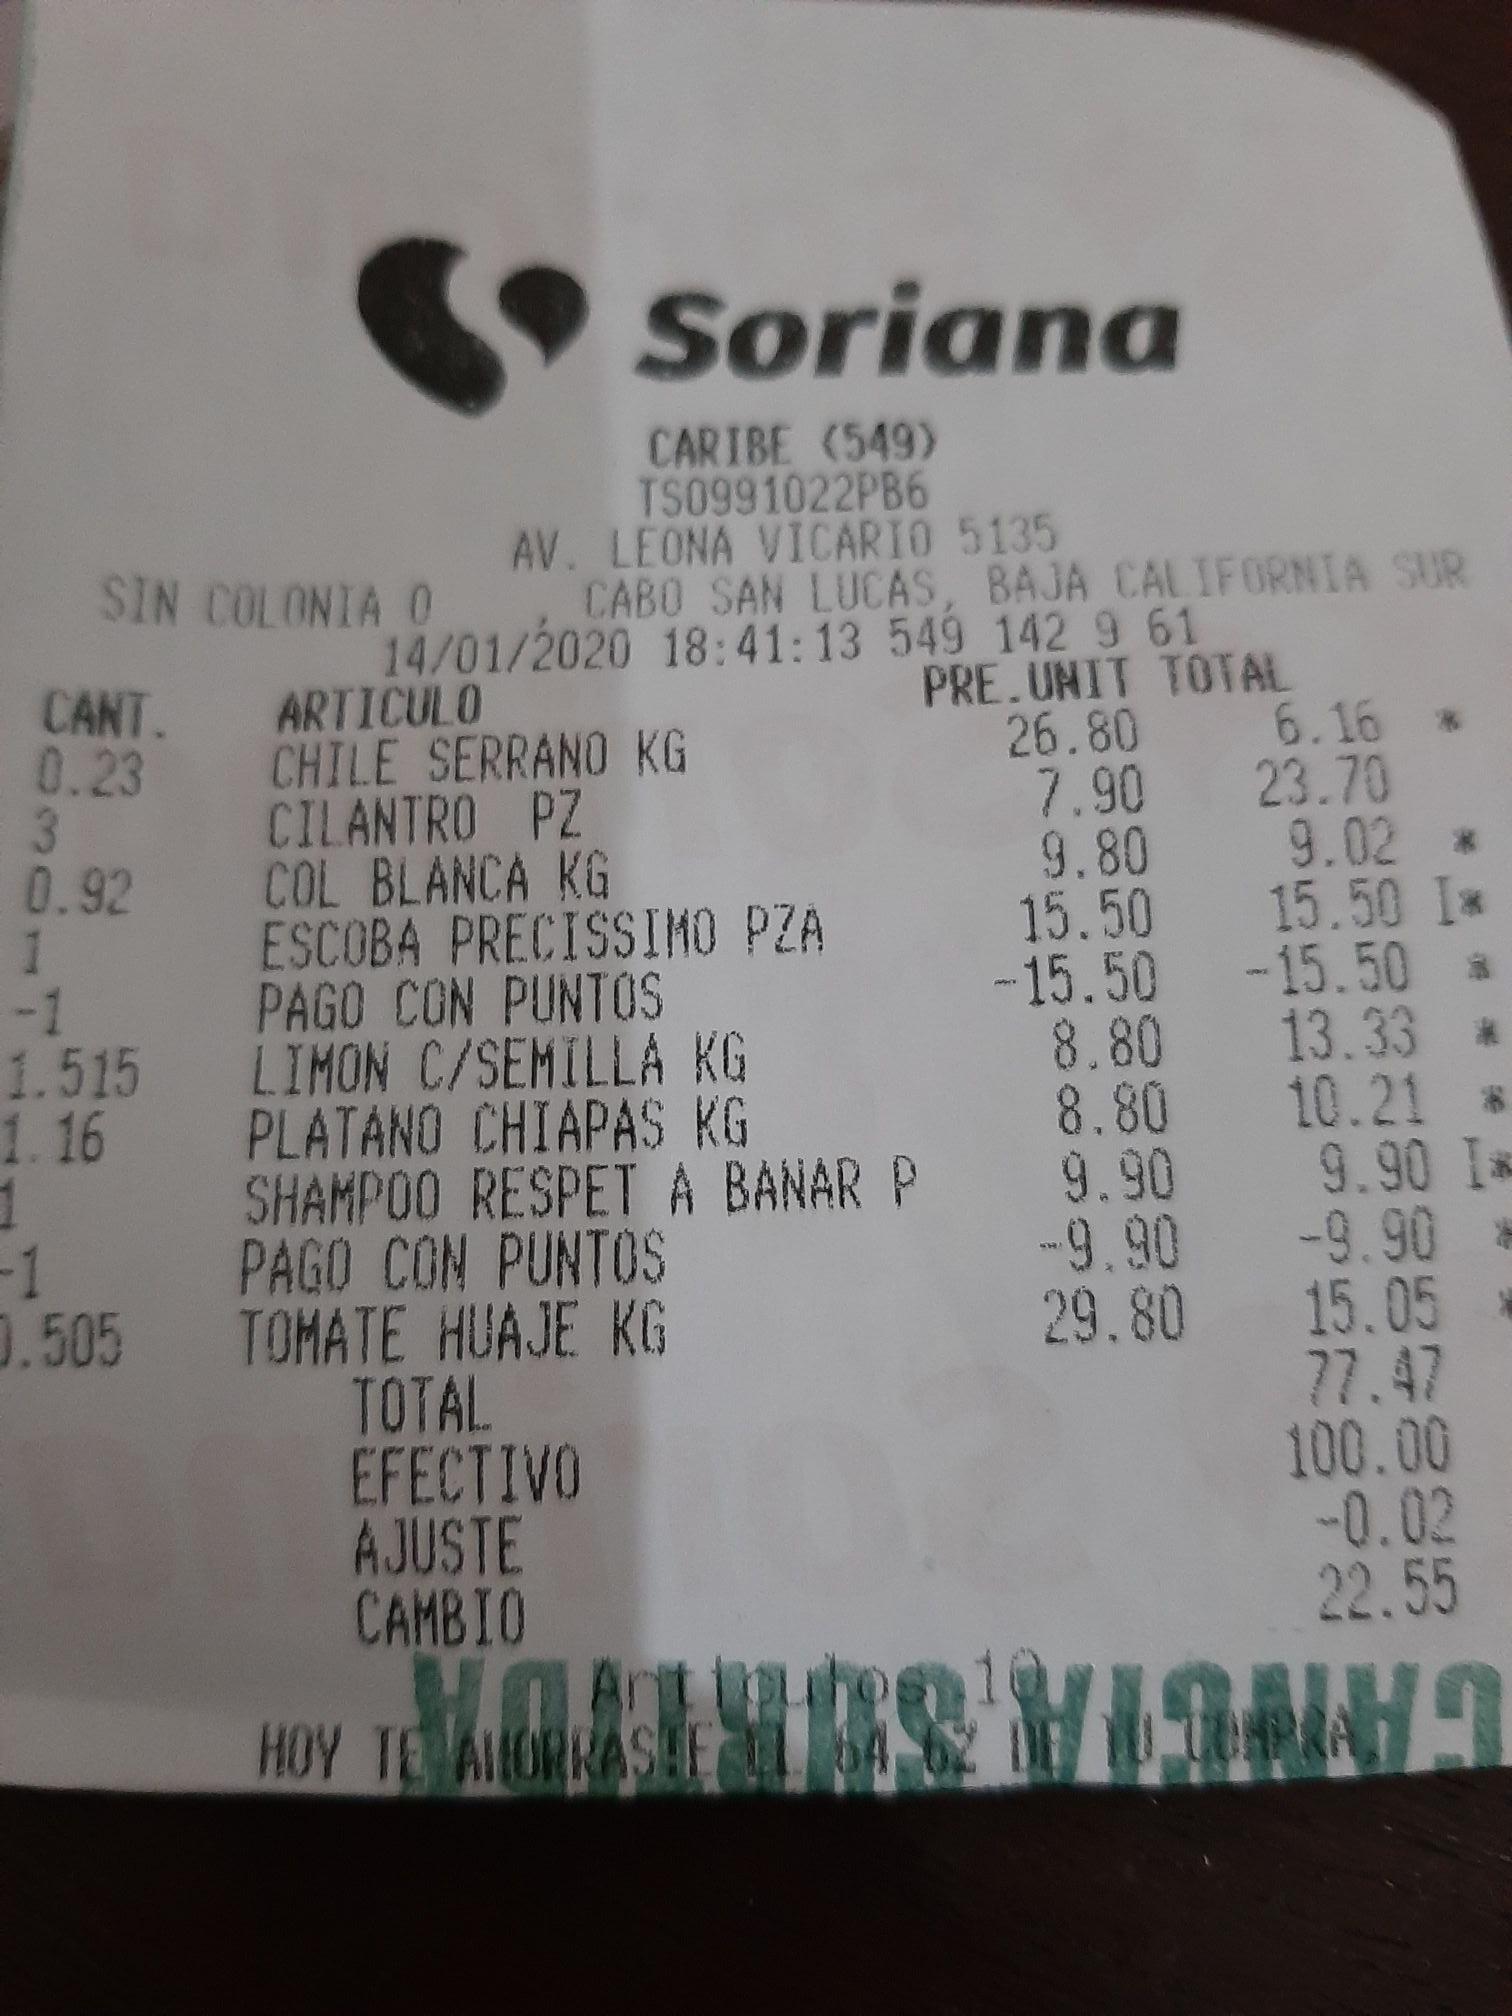 Soriana: Escoba precissimo, de 15 a gratis con 90 puntos